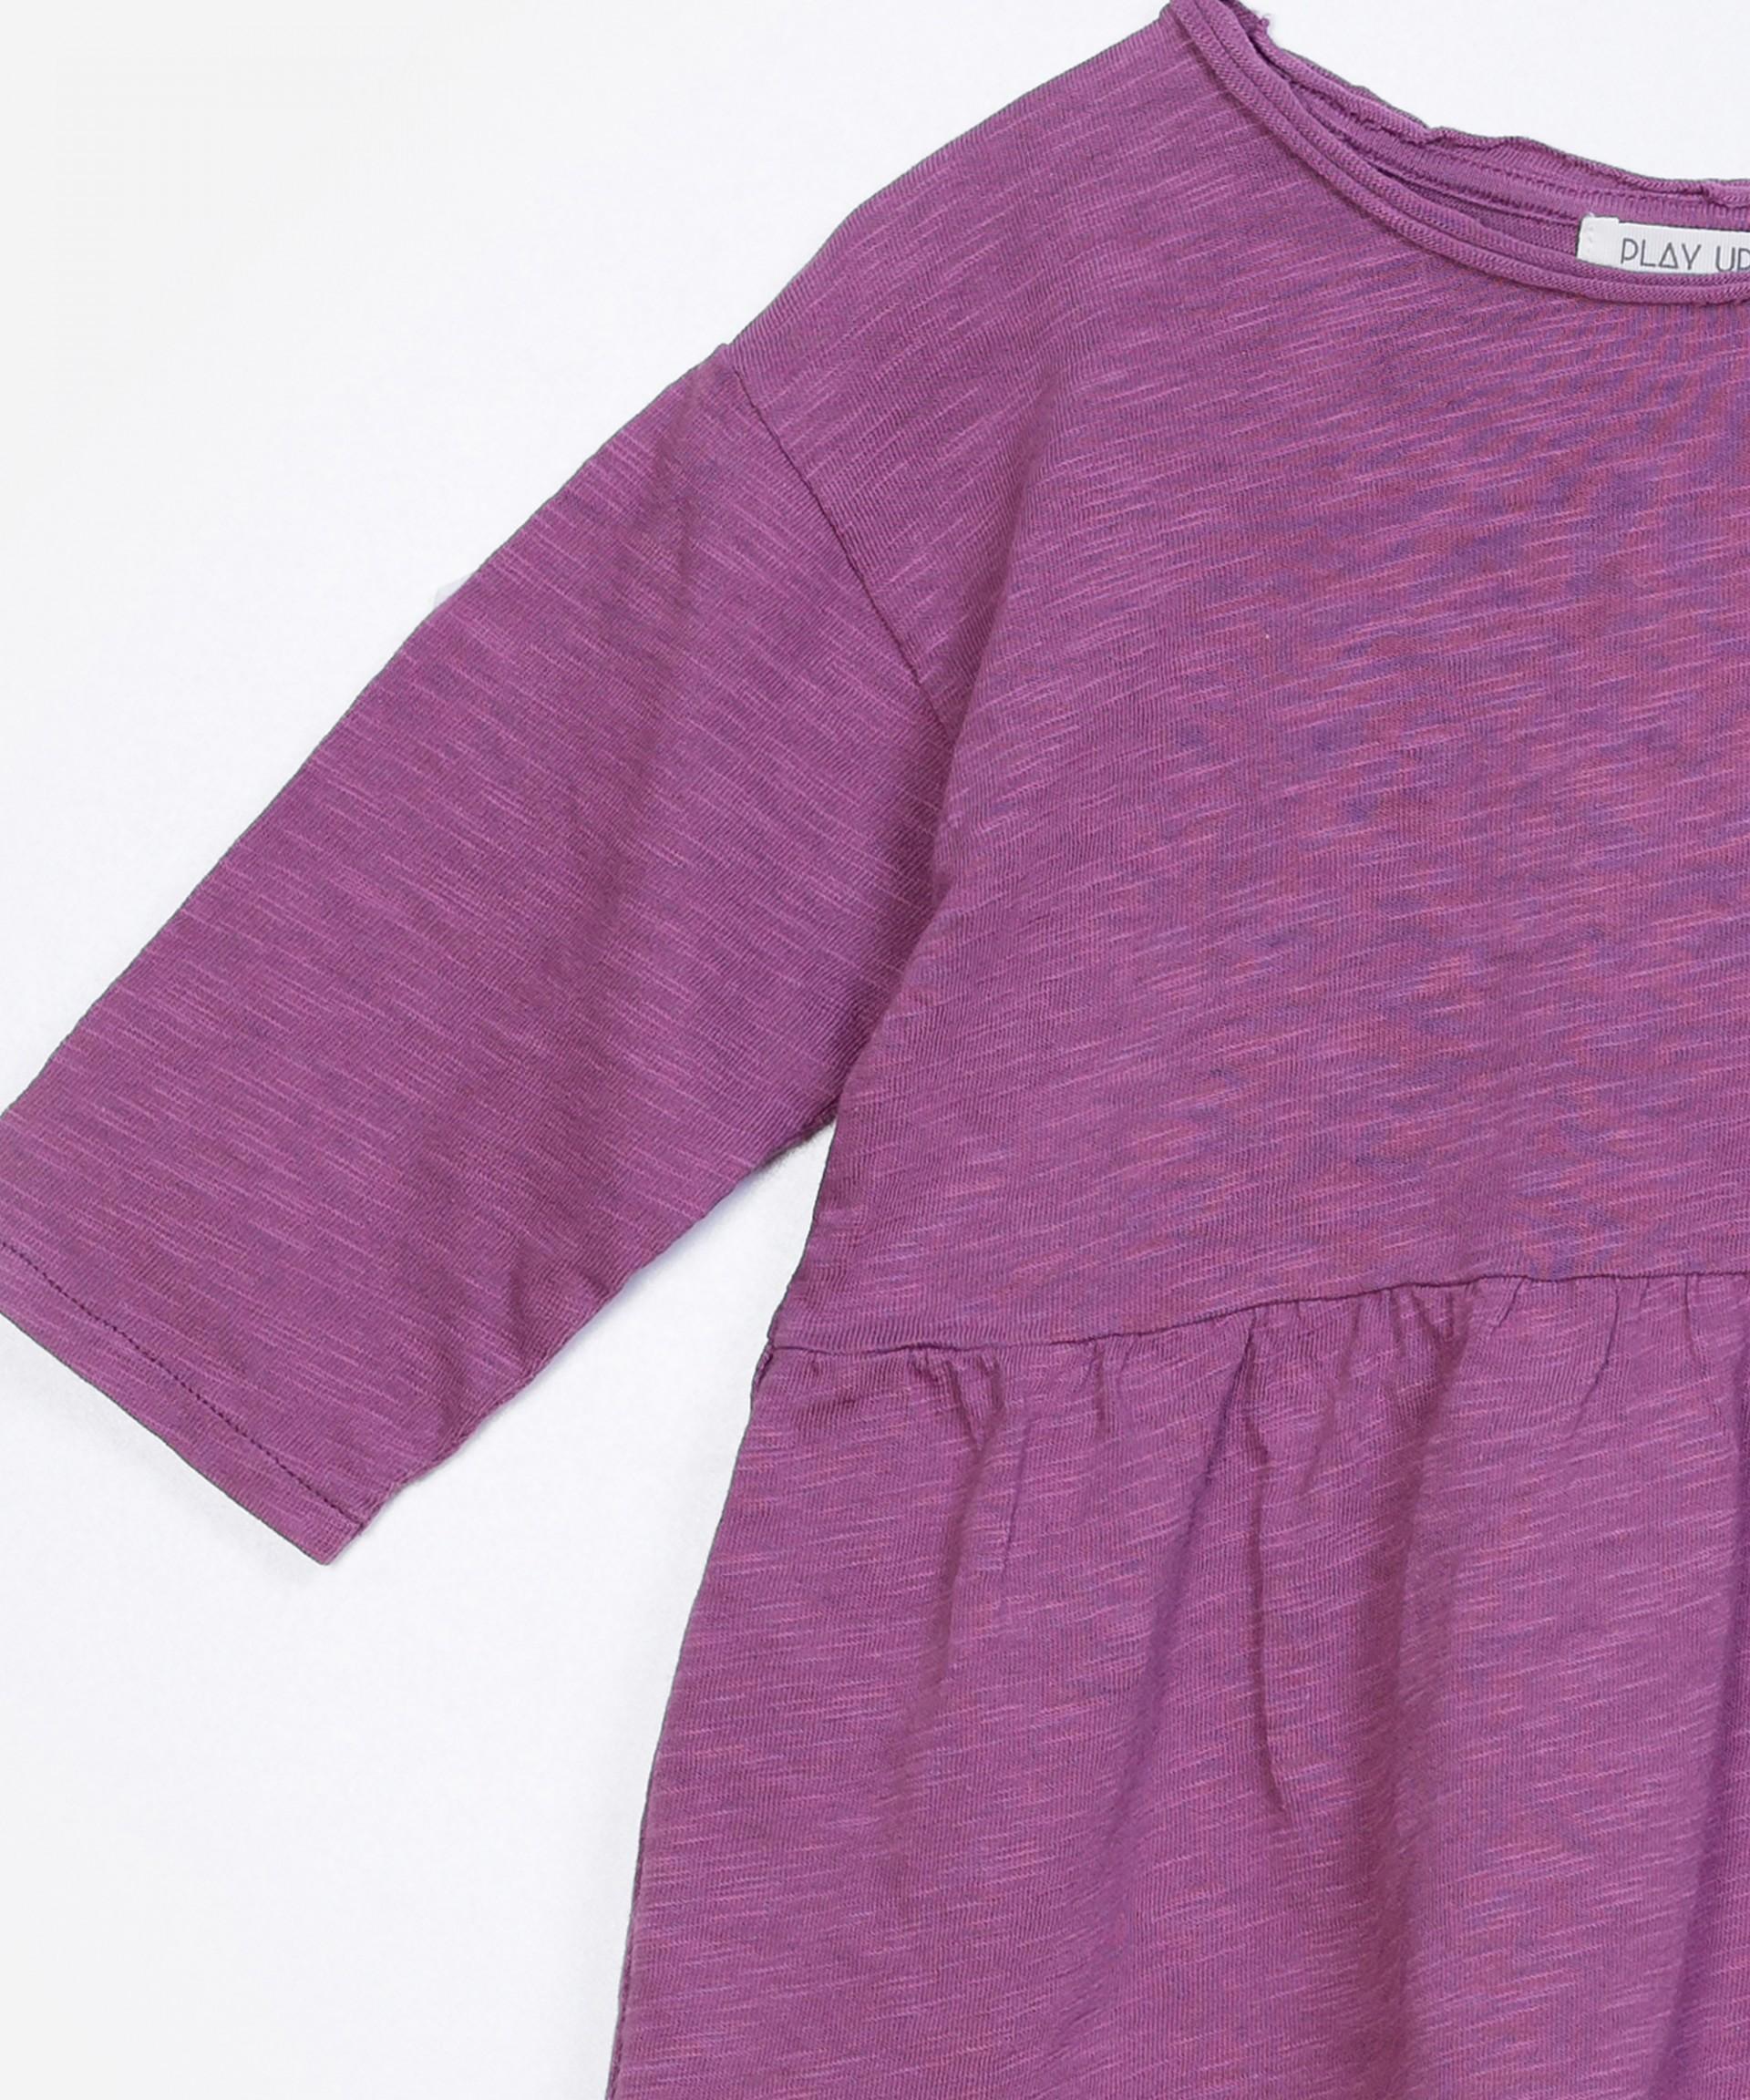 T-Shirt evasé 100% algodão orgânico